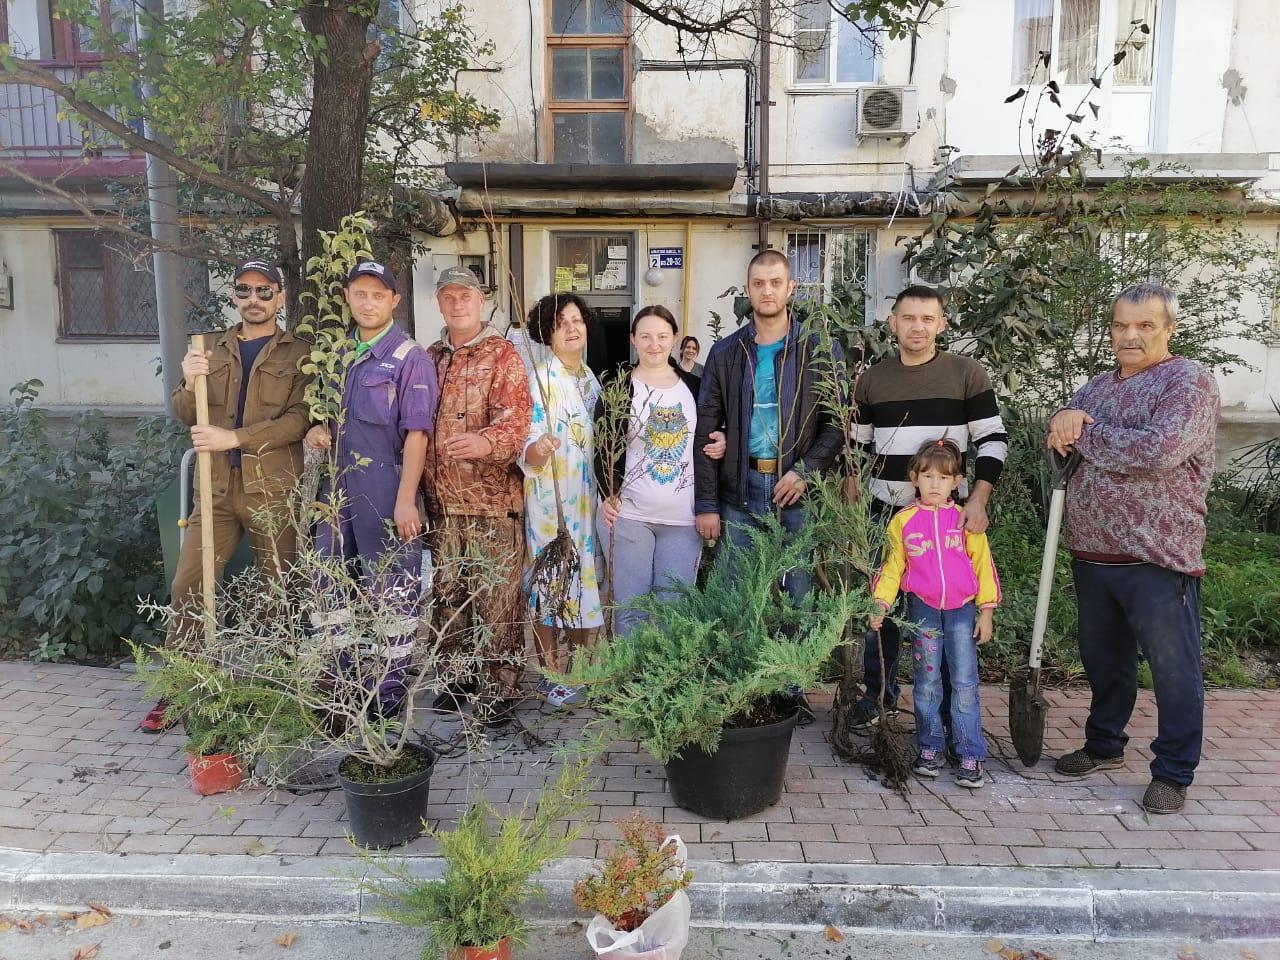 Новороссийцы своими силами озеленили свой двор: высадили 40 деревьев и кустов